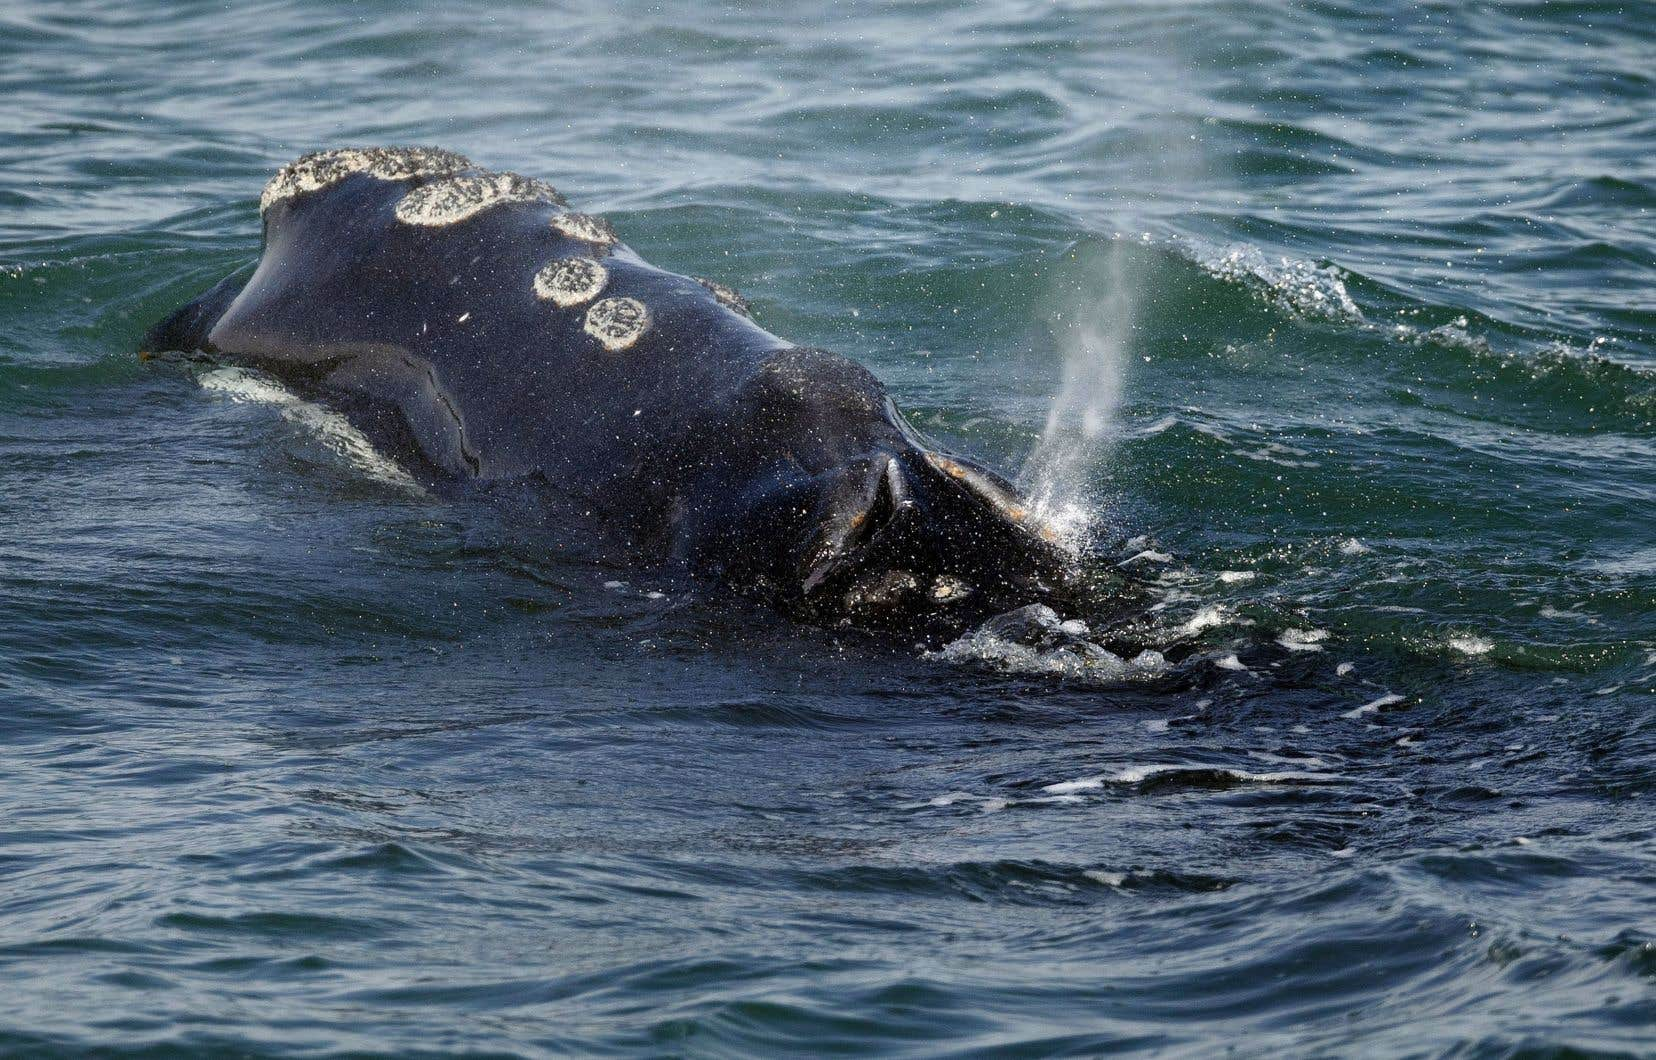 Il reste environ 400 baleines noires de l'Atlantique Nord, les décès dépassant les naissances vivantes.